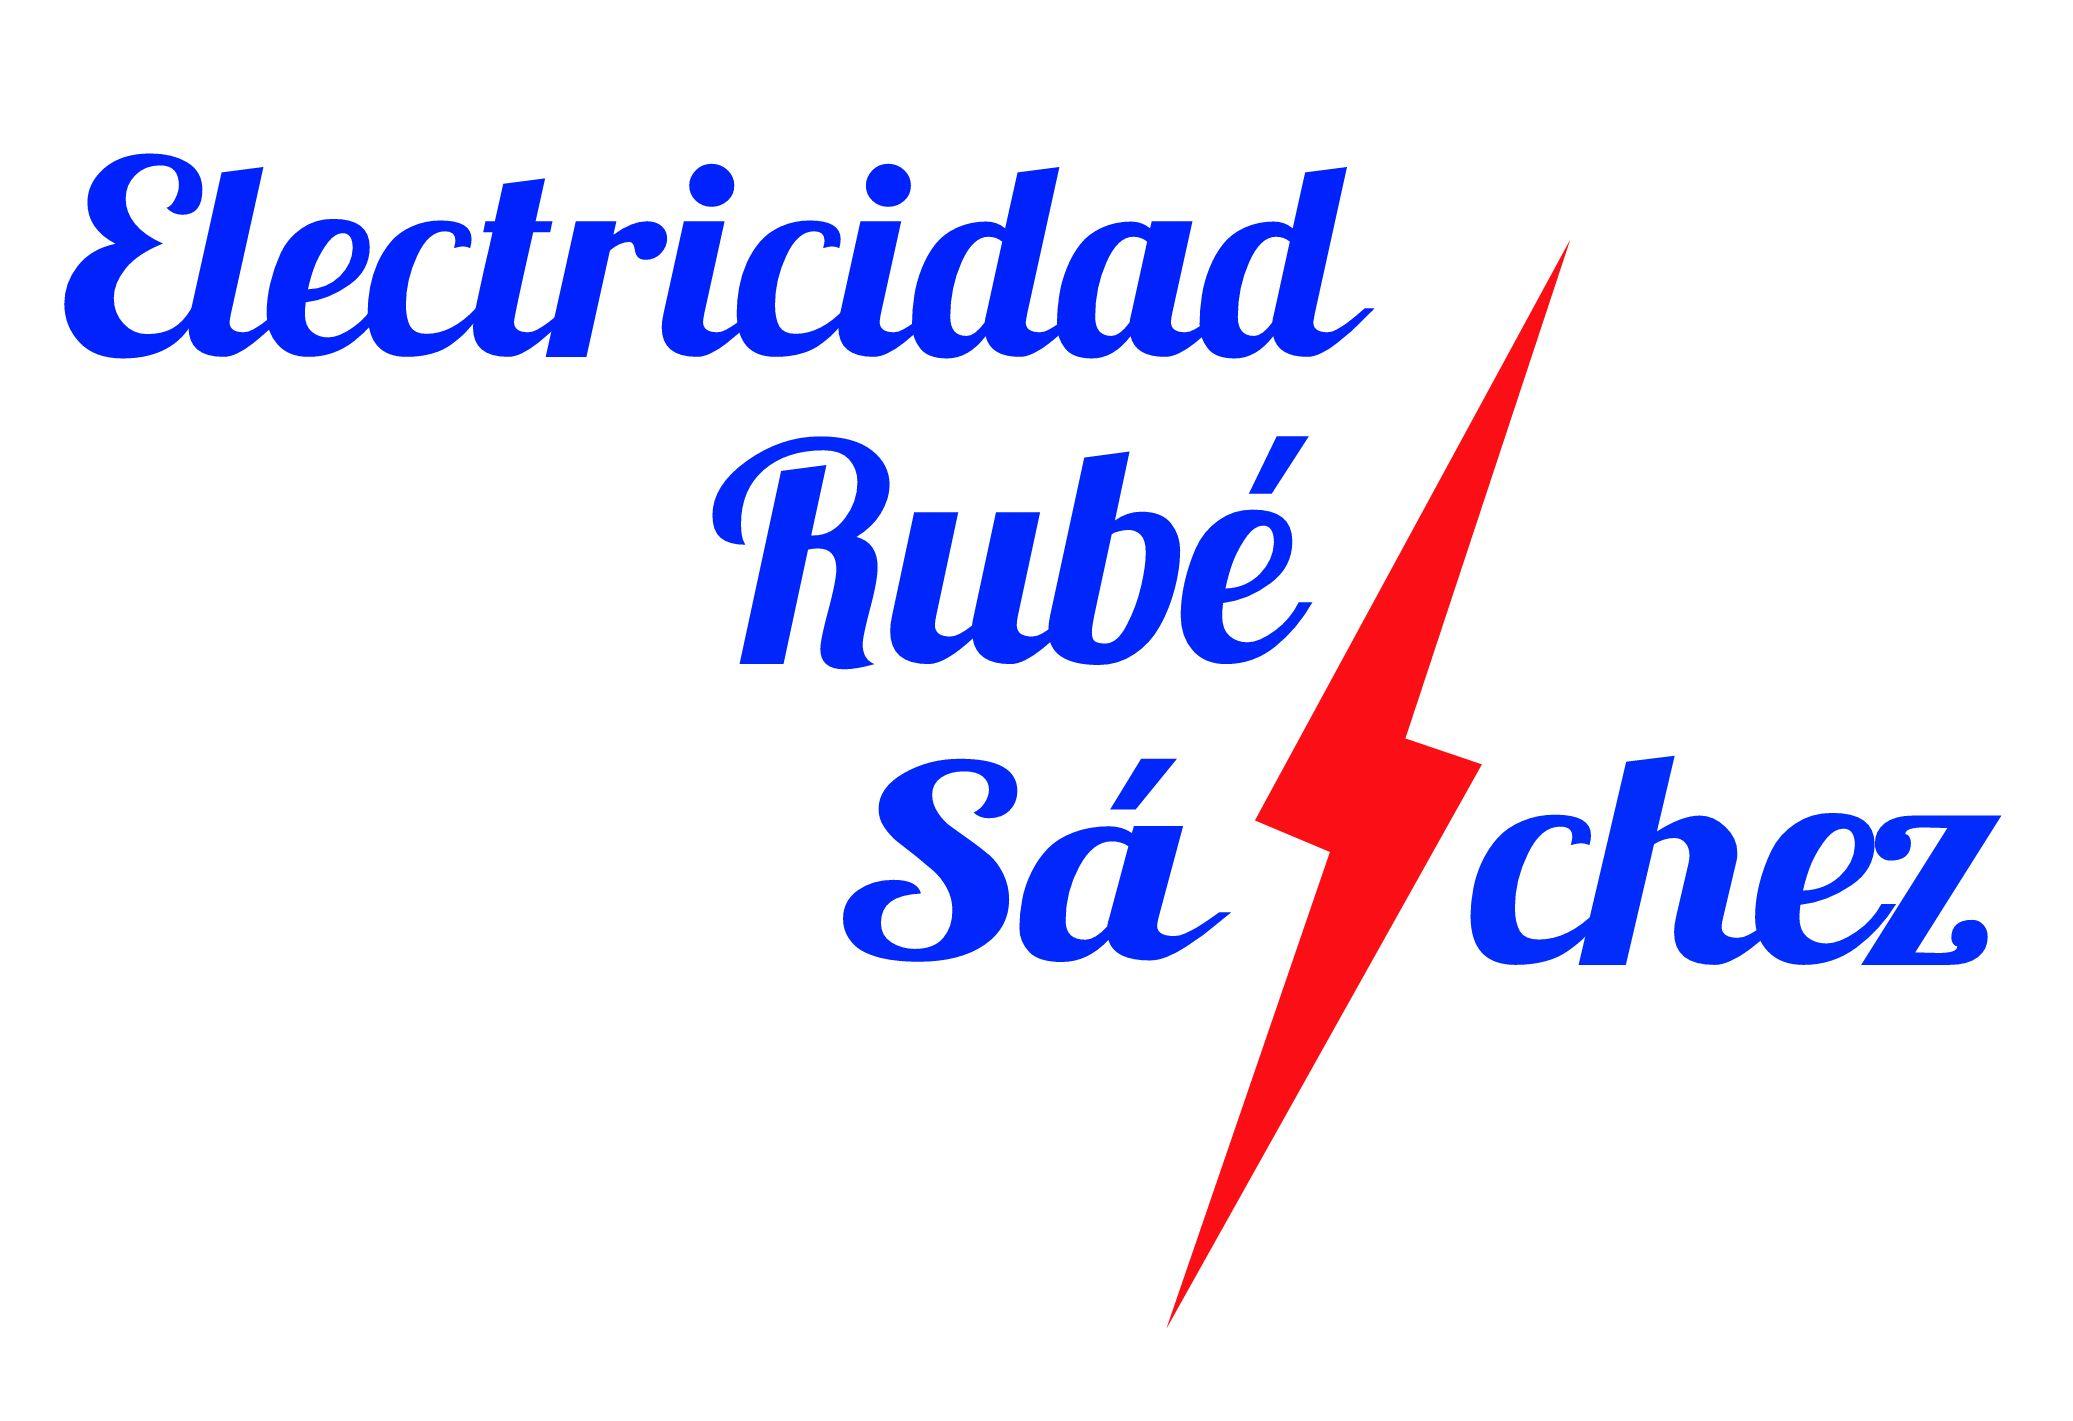 Electricidad Rubén Sánchez